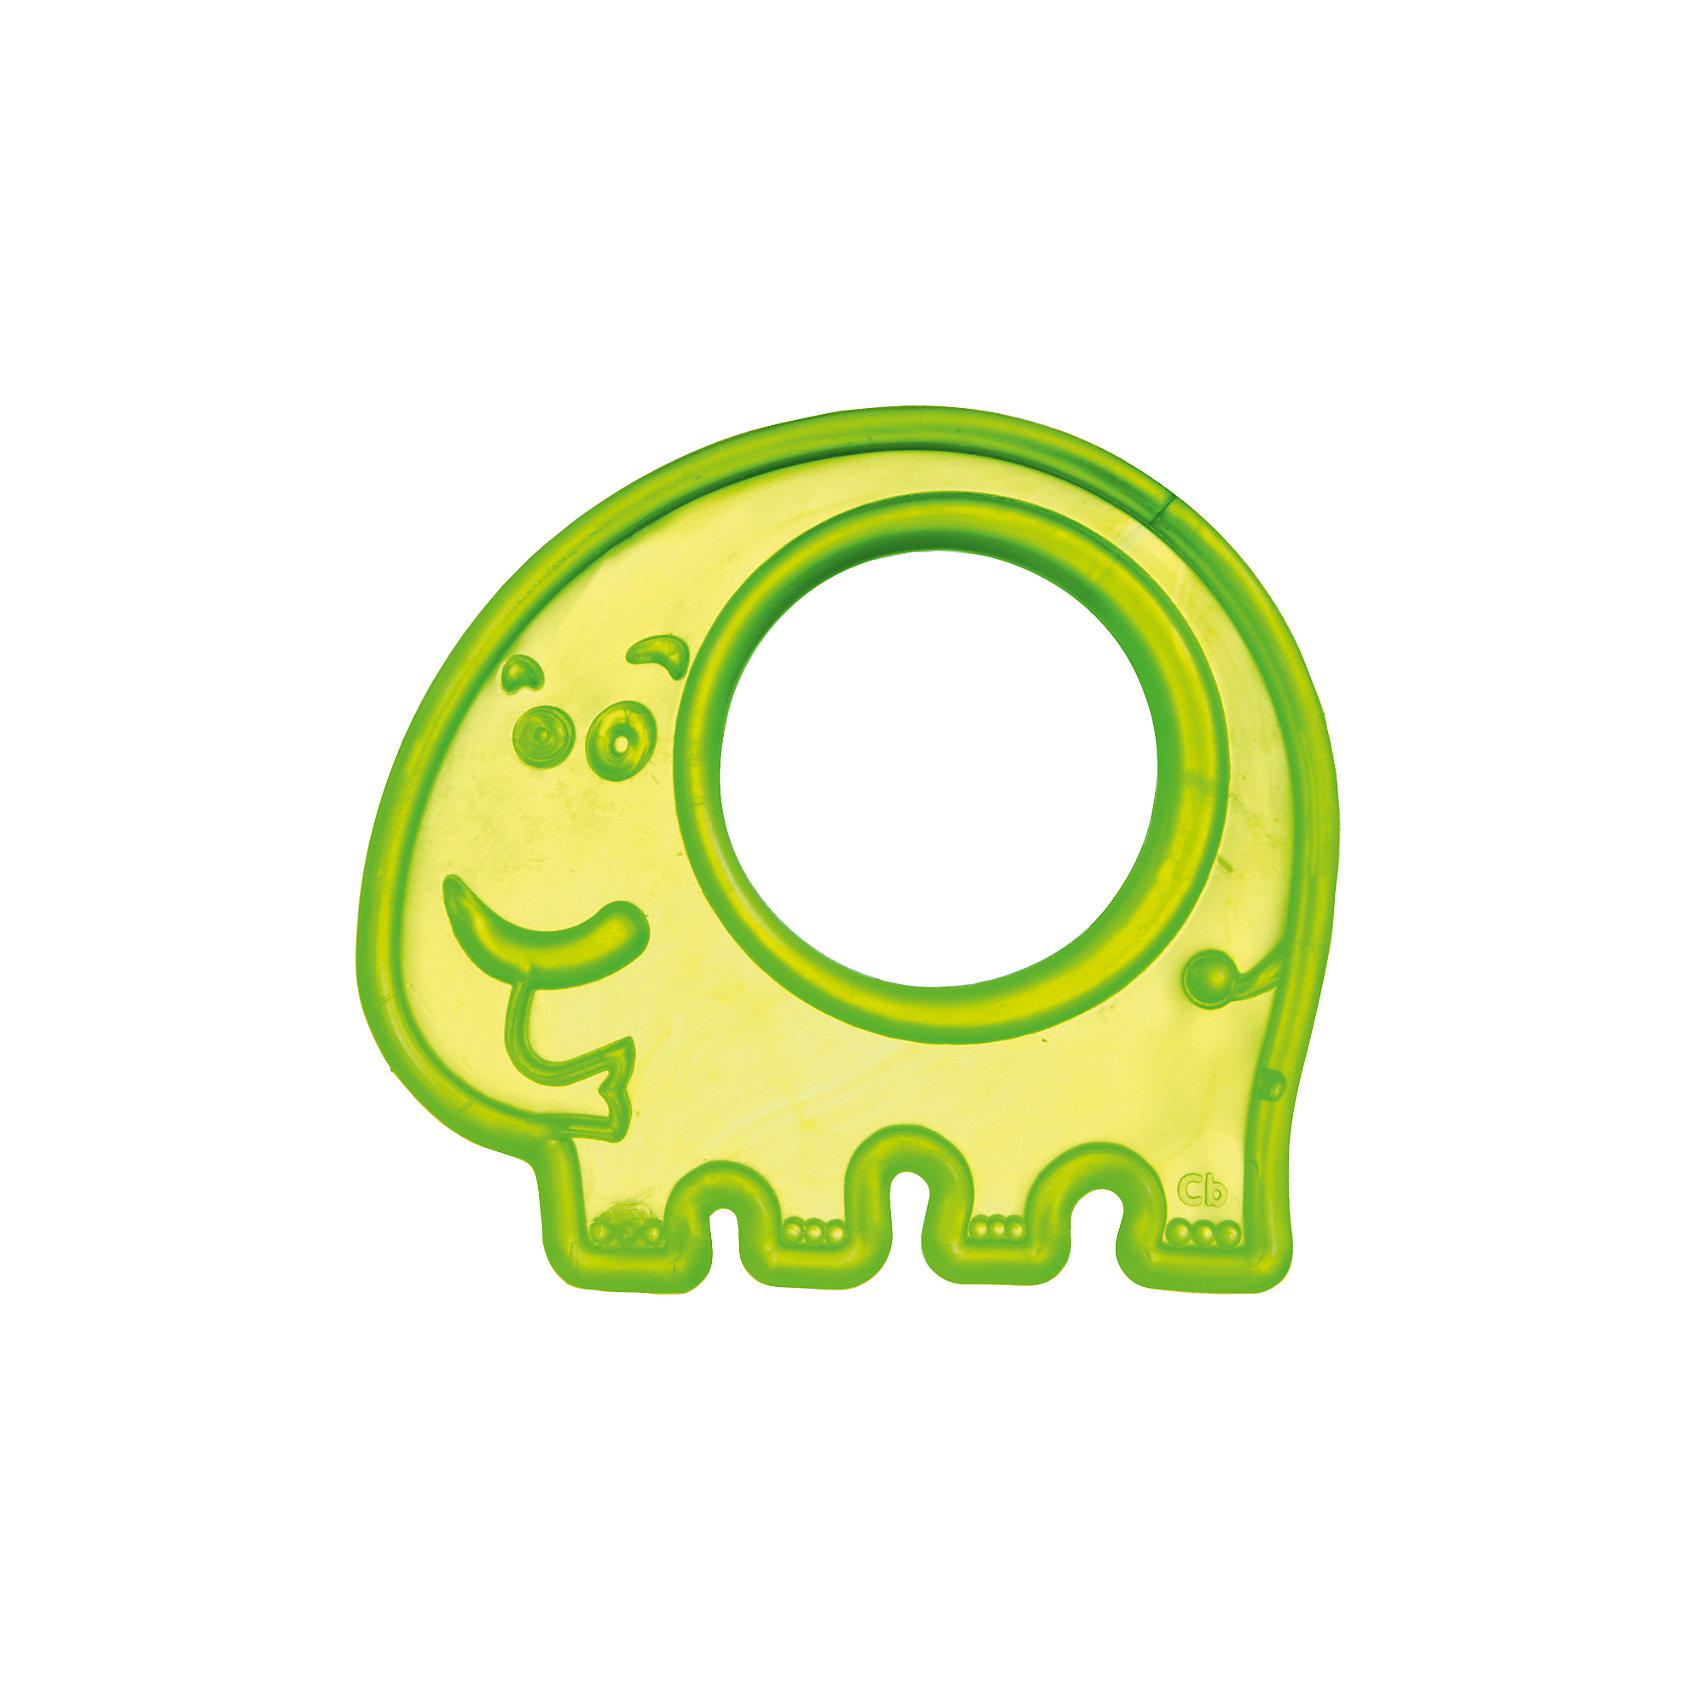 Прорезыватель мягкий Слоник 0+, Canpol Babies, зеленый